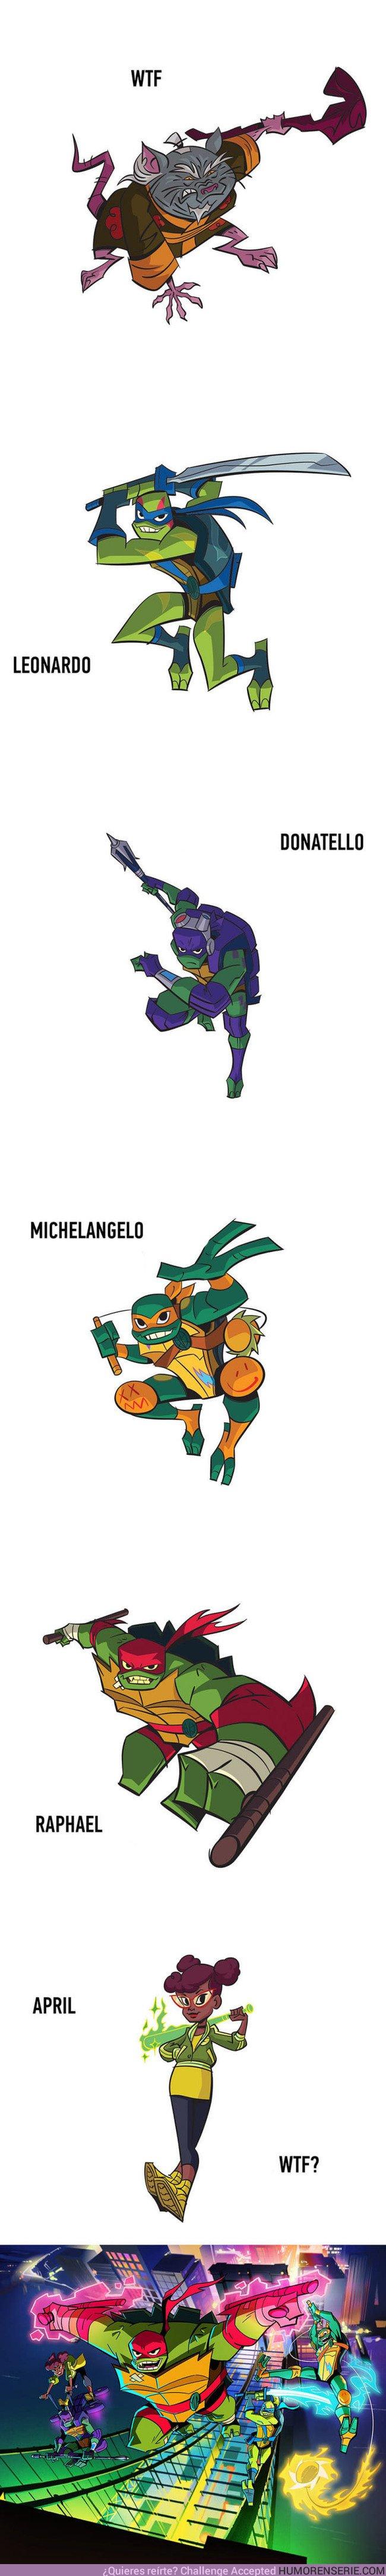 22375 - Todo el mundo está flipando con la nueva serie de Las Tortugas Ninja